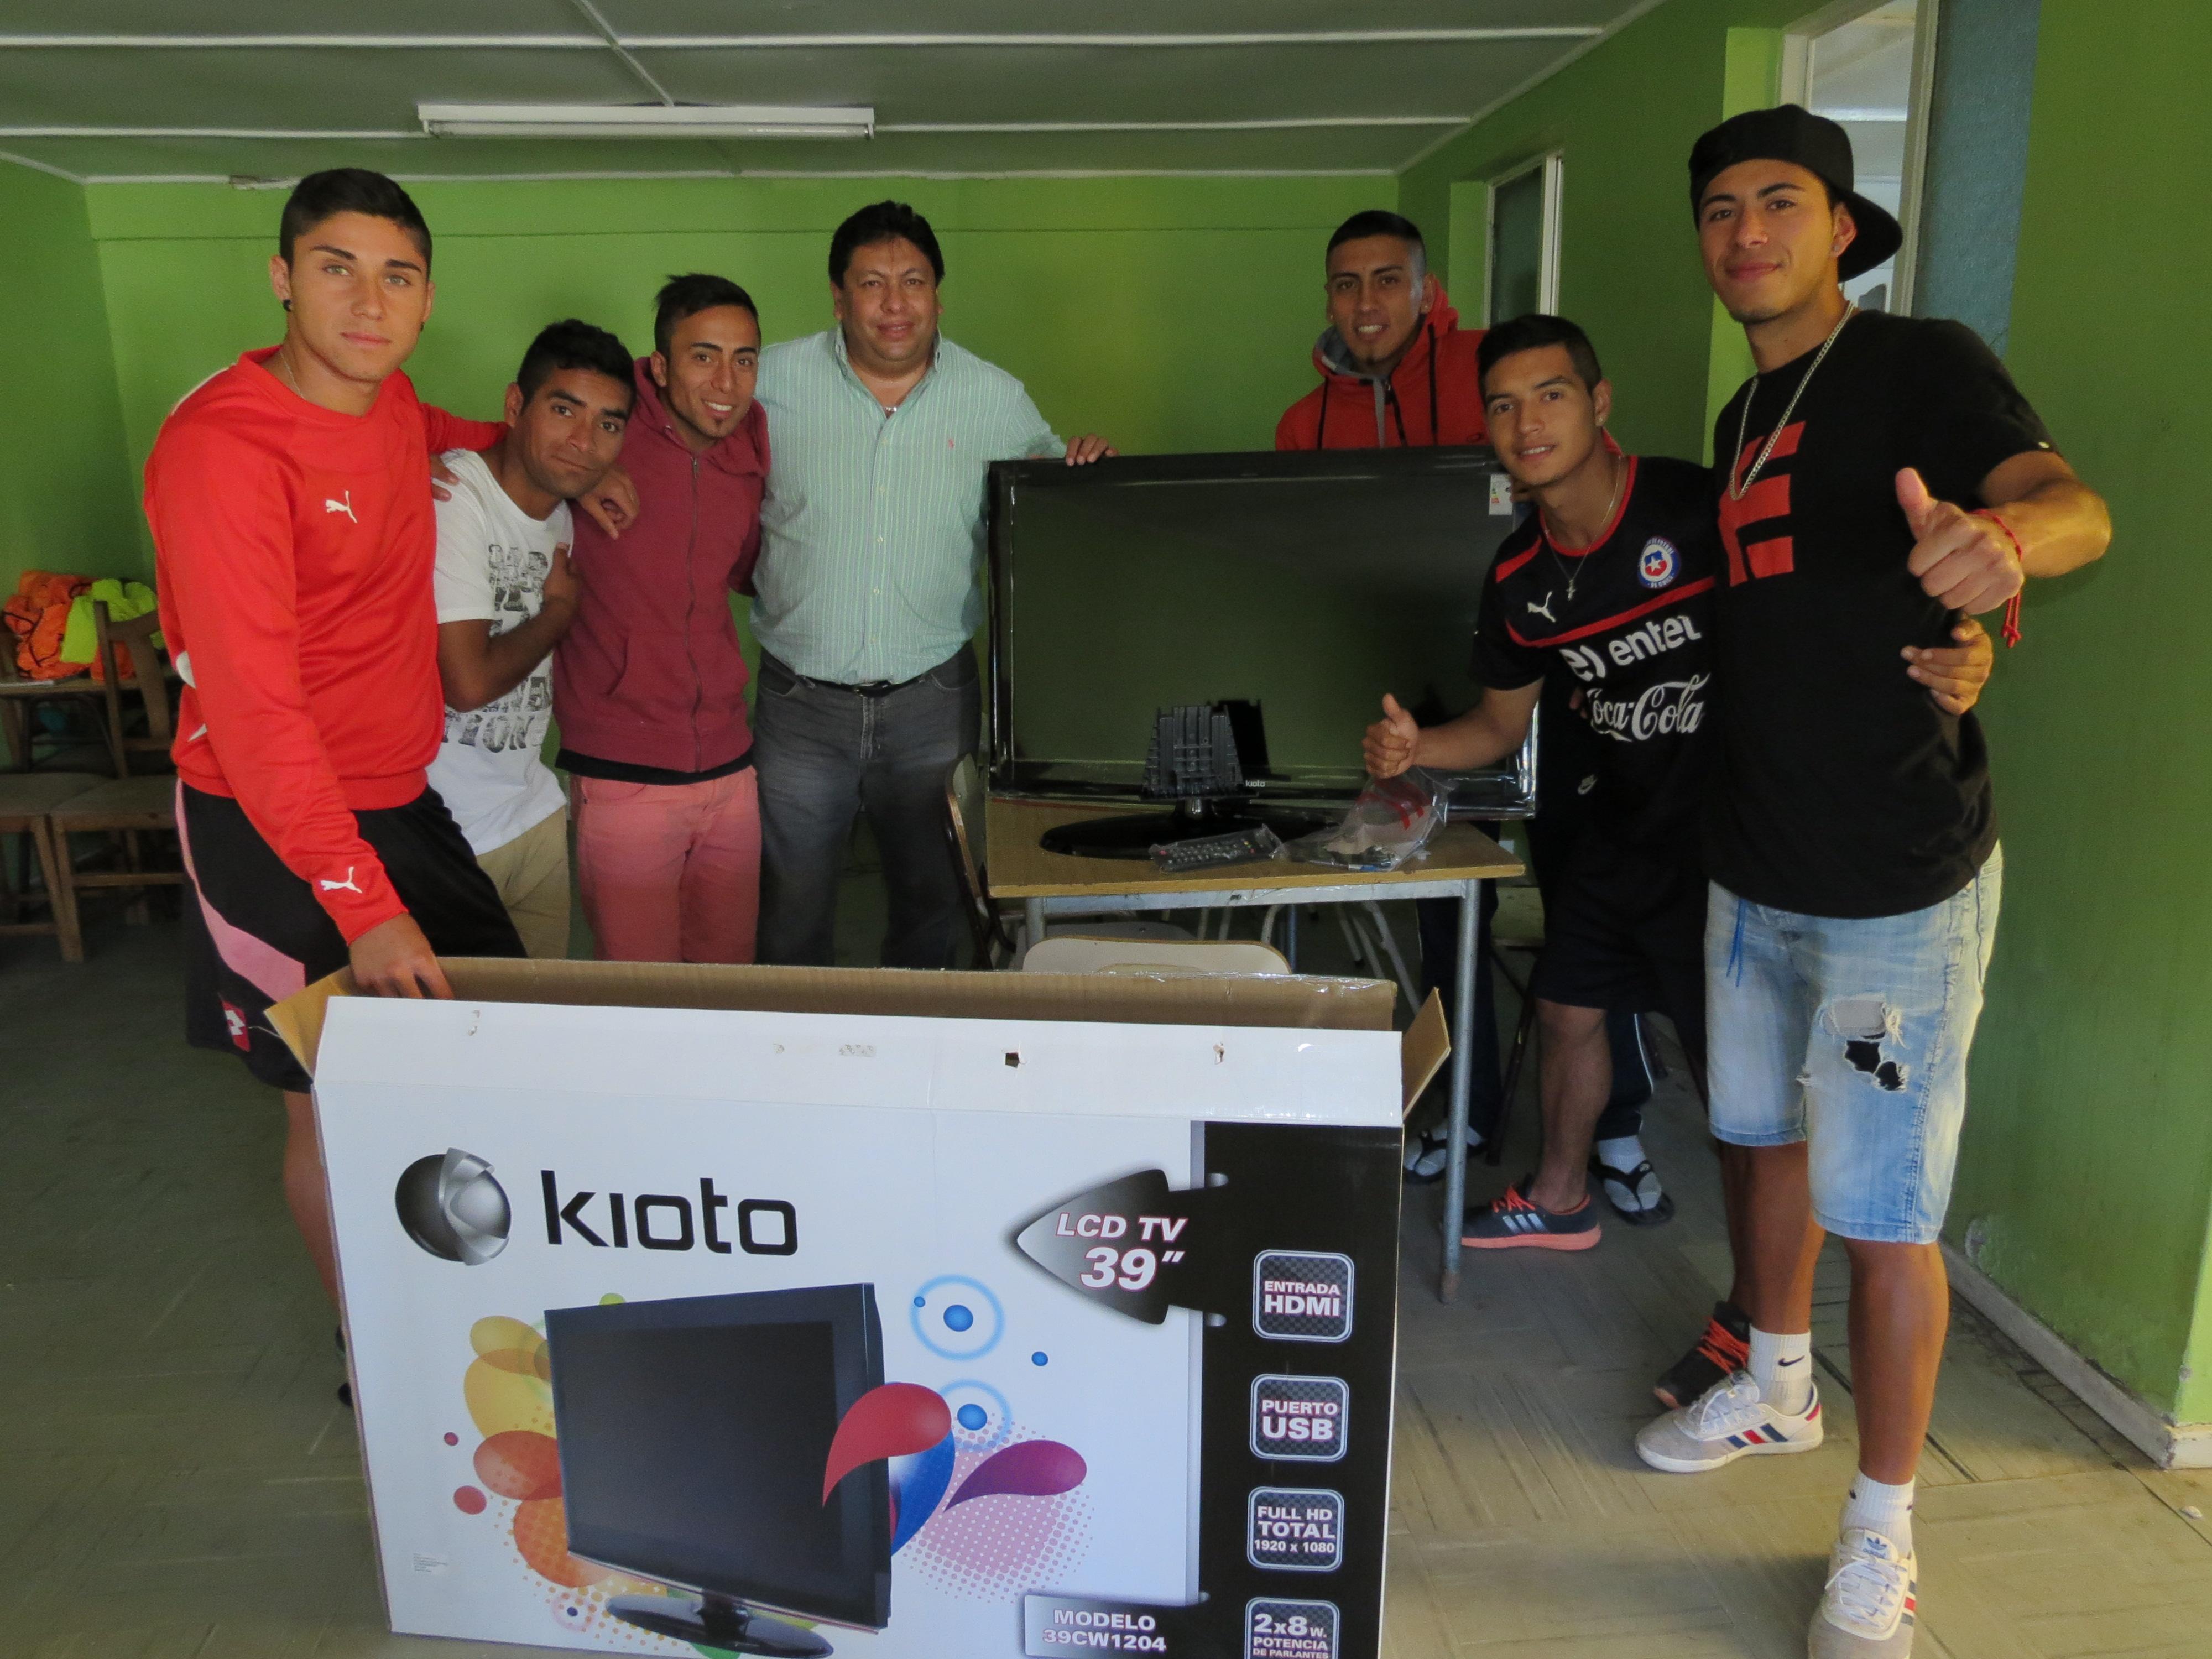 Motivan a jugadores de Deportes Vallenar con reconocimiento del municipio